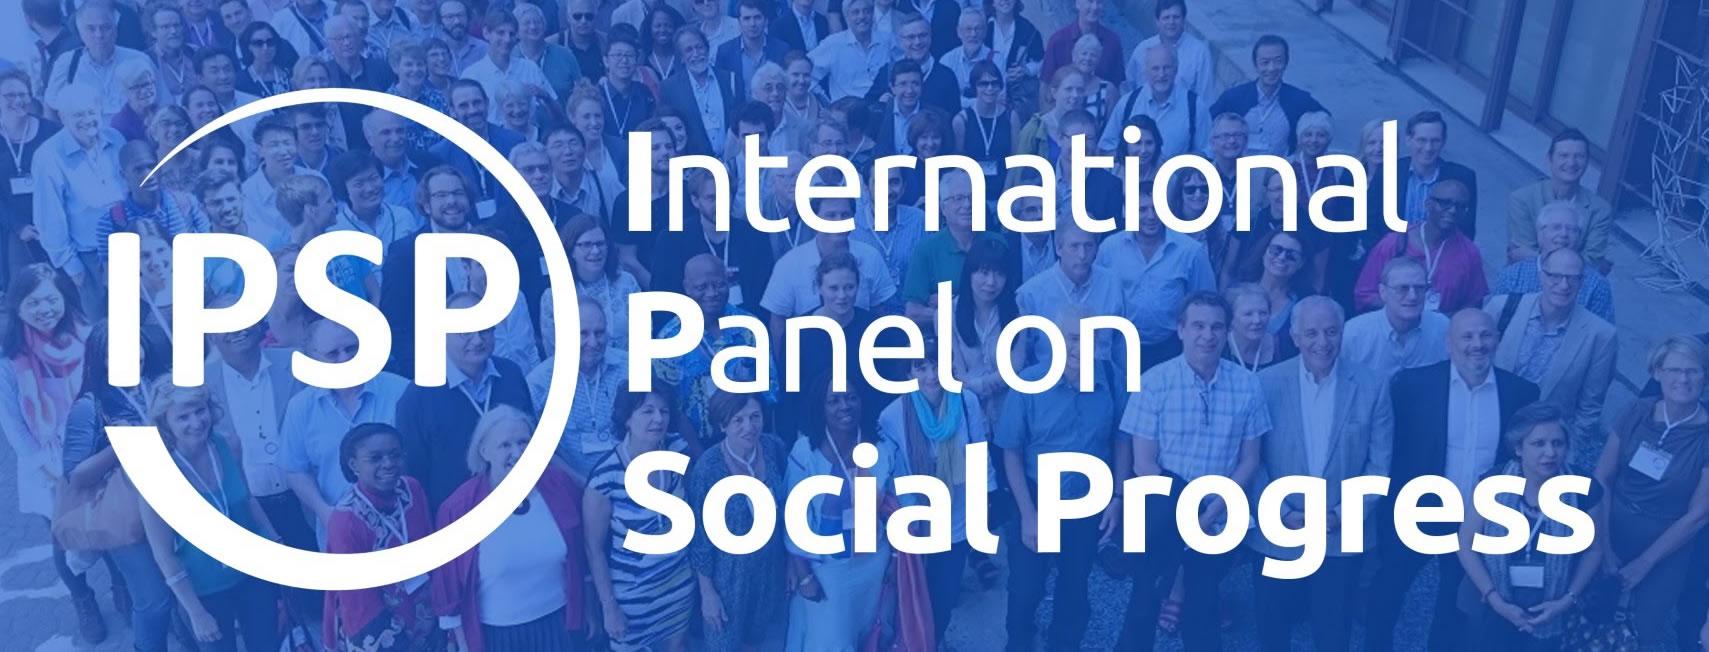 Académicos de todo el mundo proponen soluciones a problemas sociales